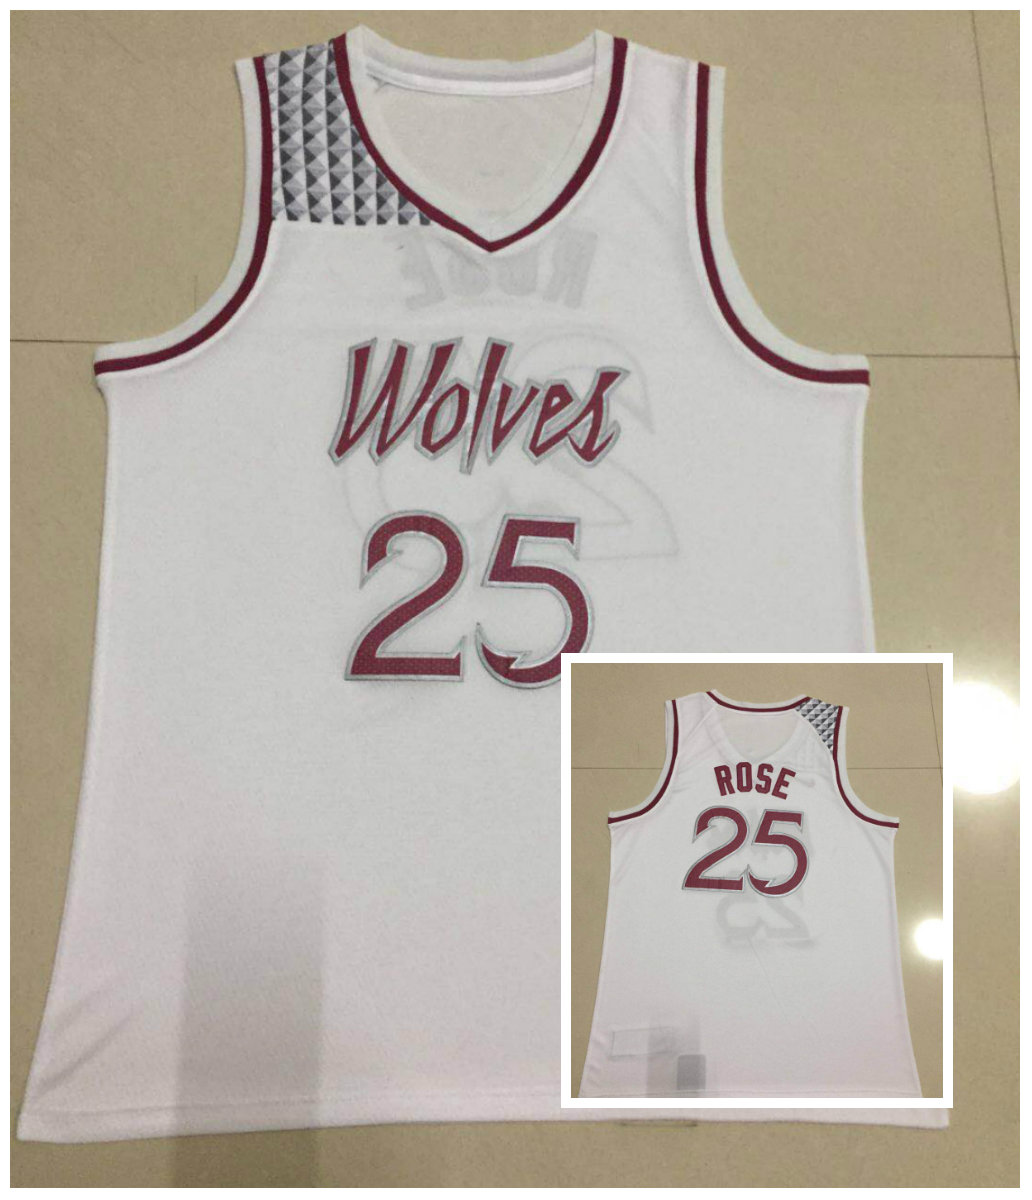 361e20a63 2019 Men s Minnesota Timberwolves  25 Derrick Rose Playoffs Basketball  Jersey